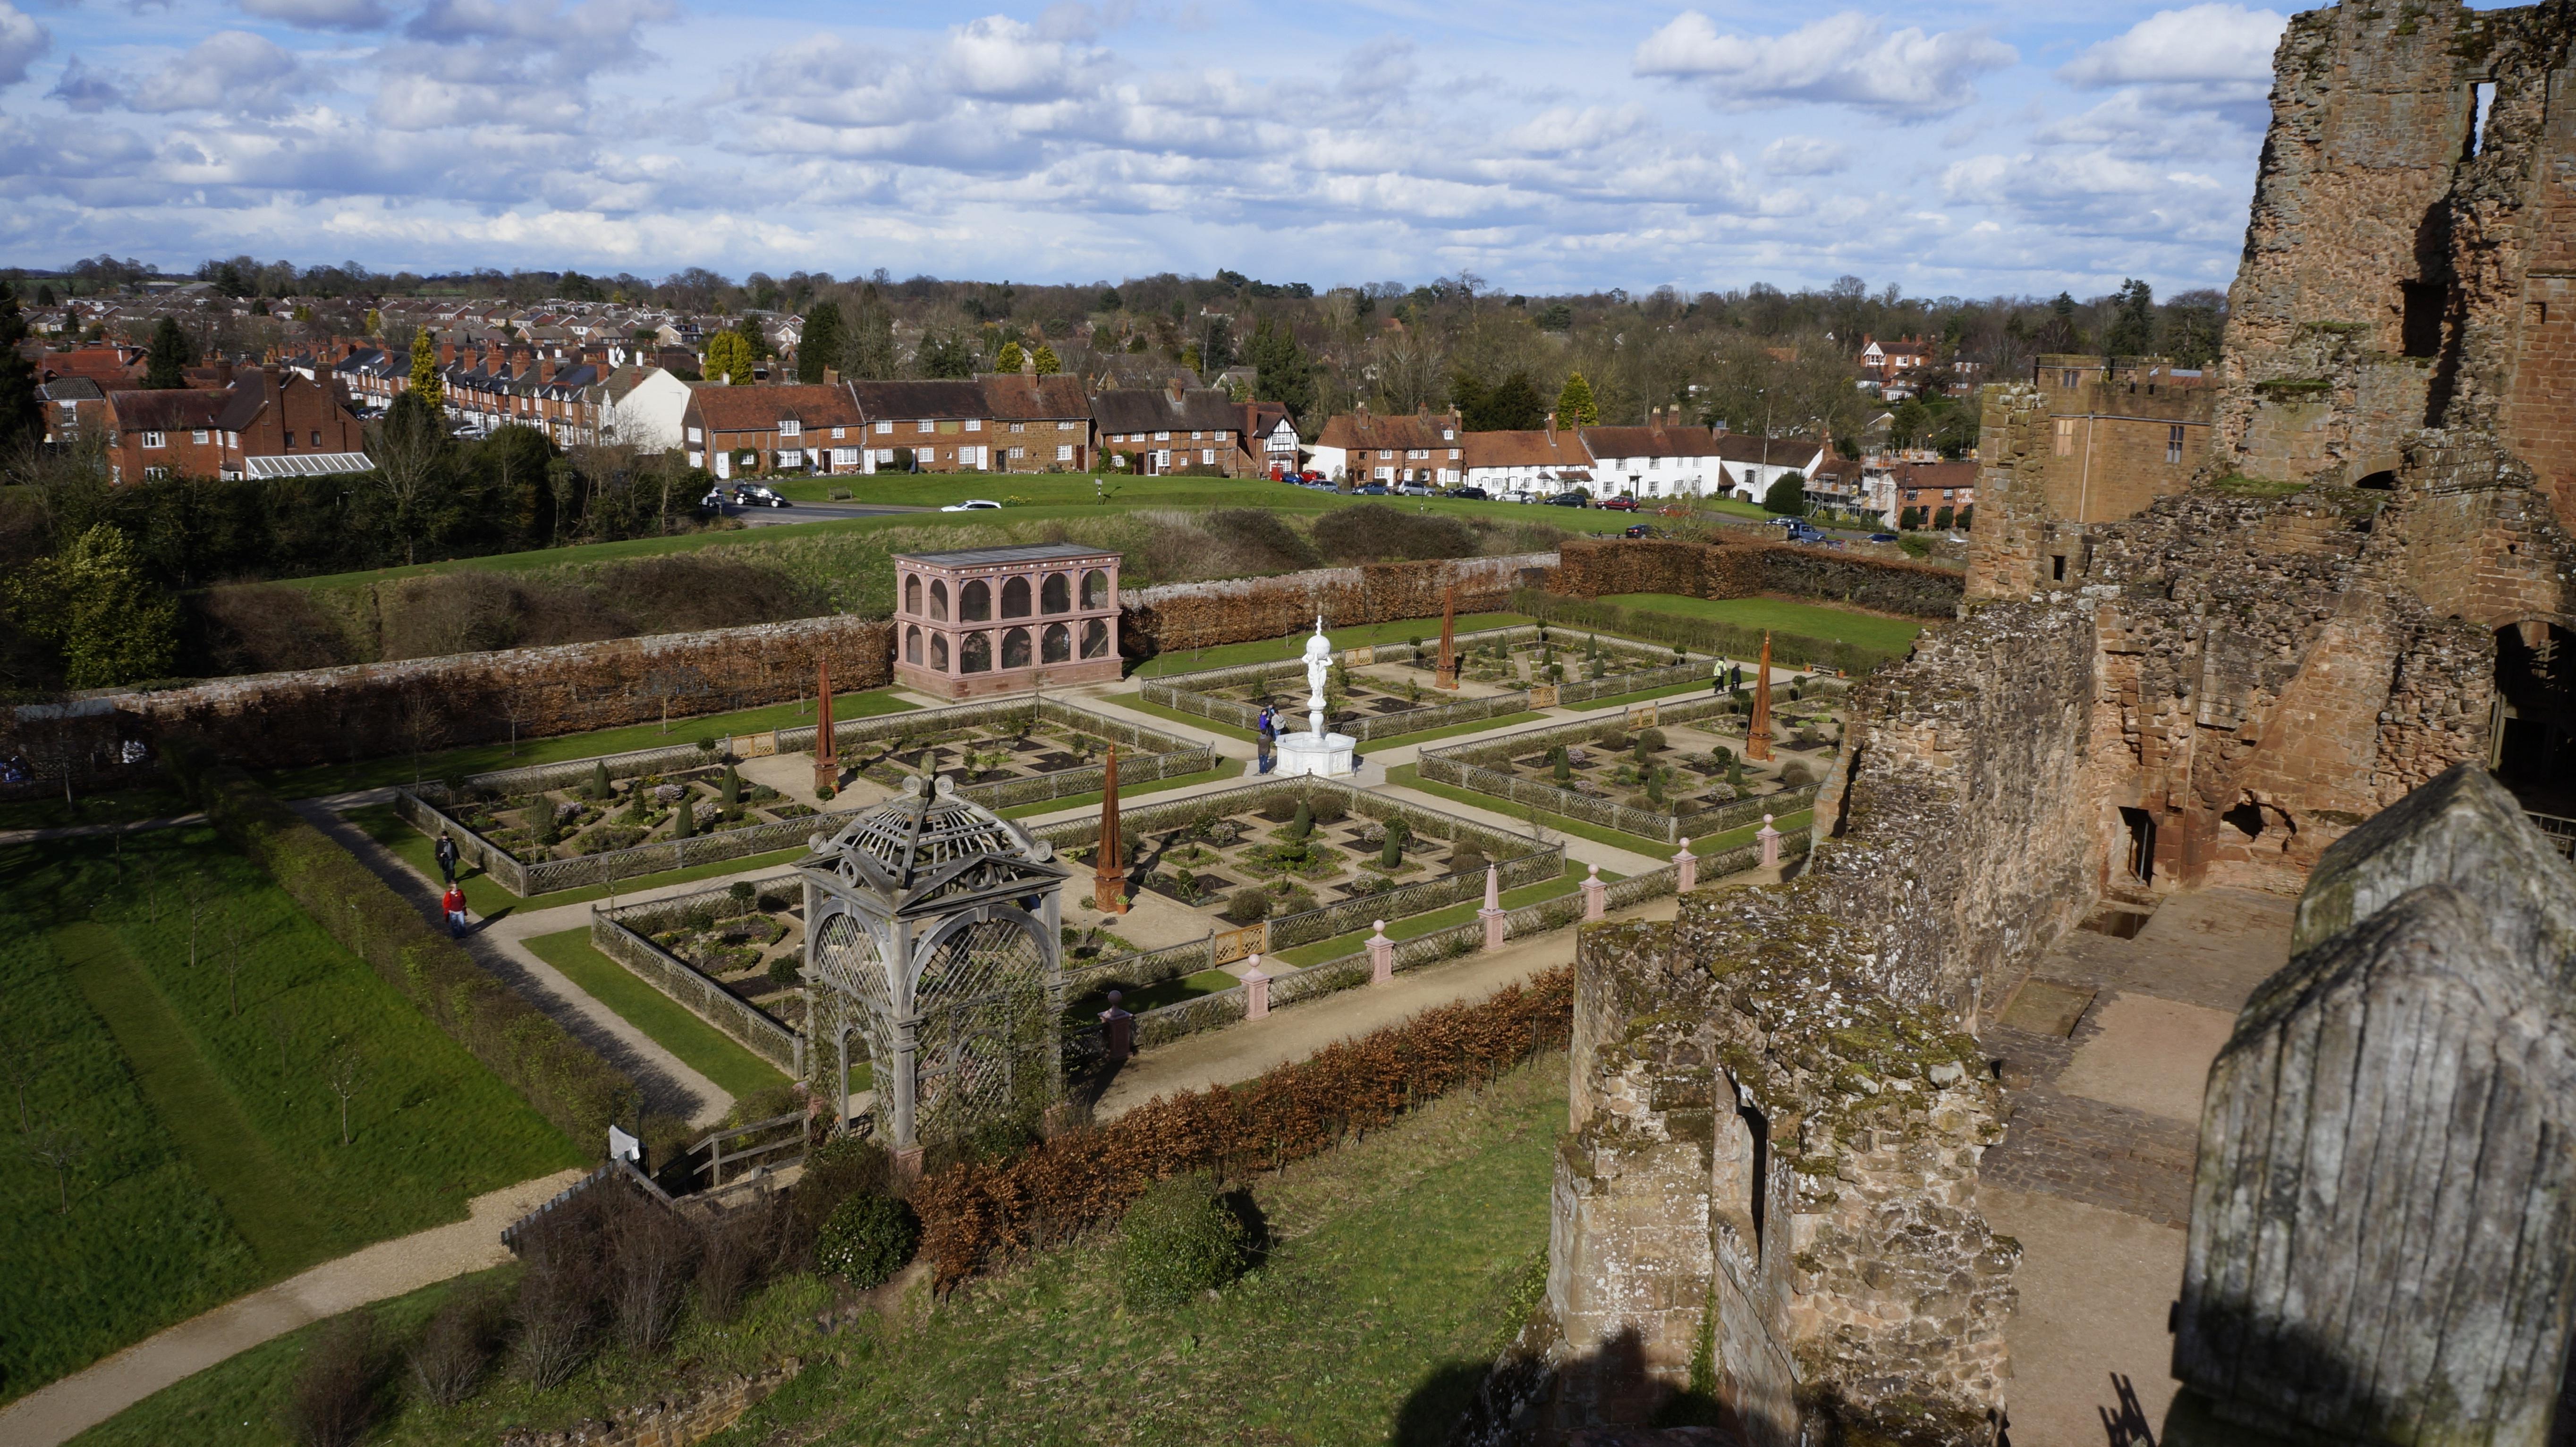 Free Images : architecture, building, chateau, monument, castle ...